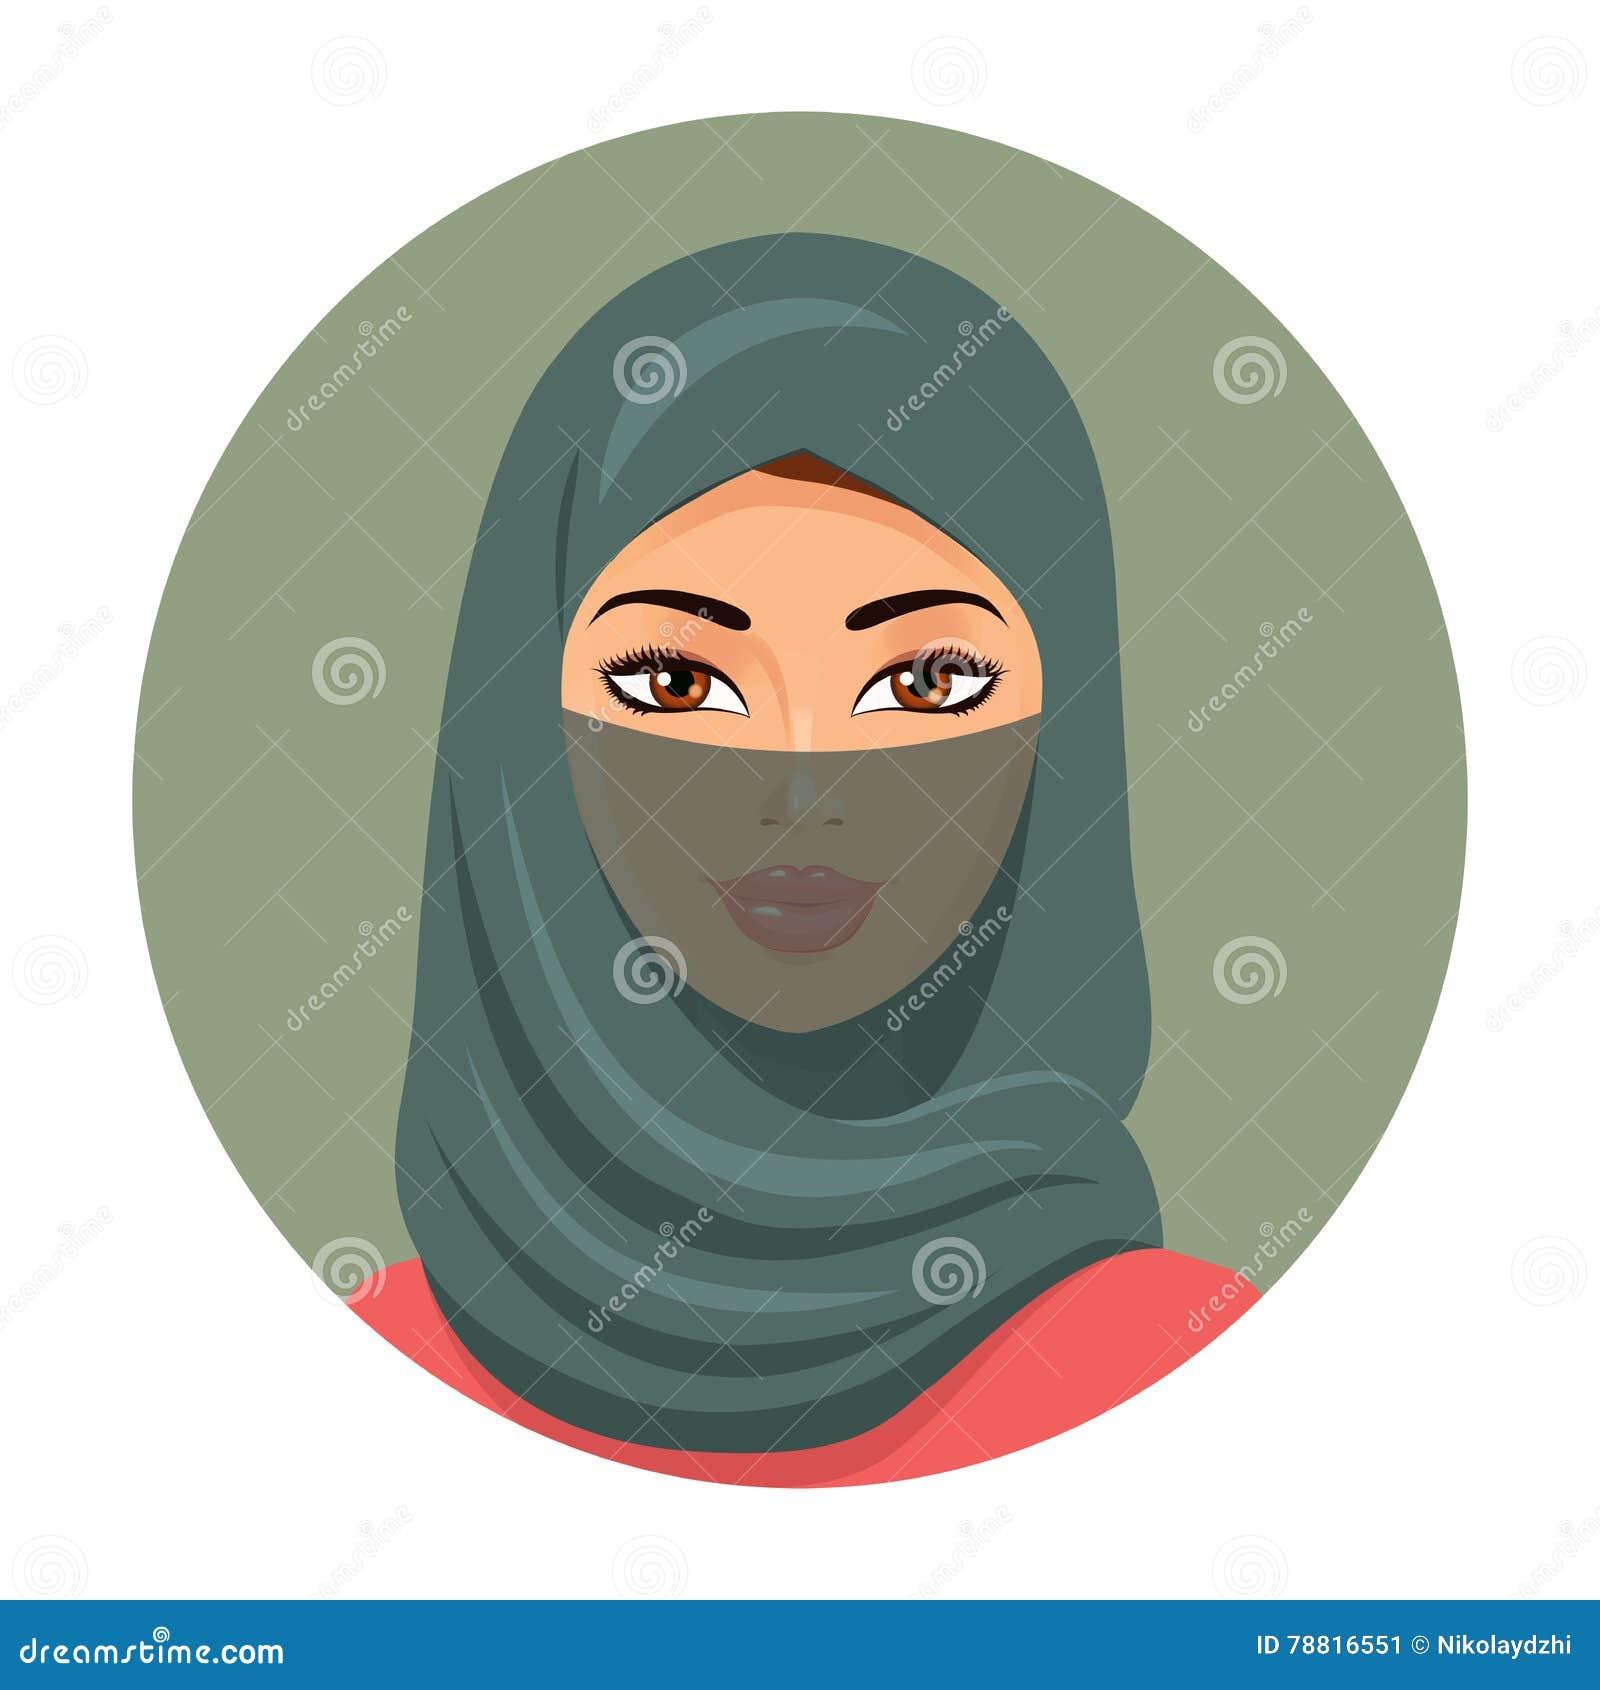 green bay muslim girl personals Please choose a category: strictly platonic women seeking women women seeking men men seeking women men seeking men.